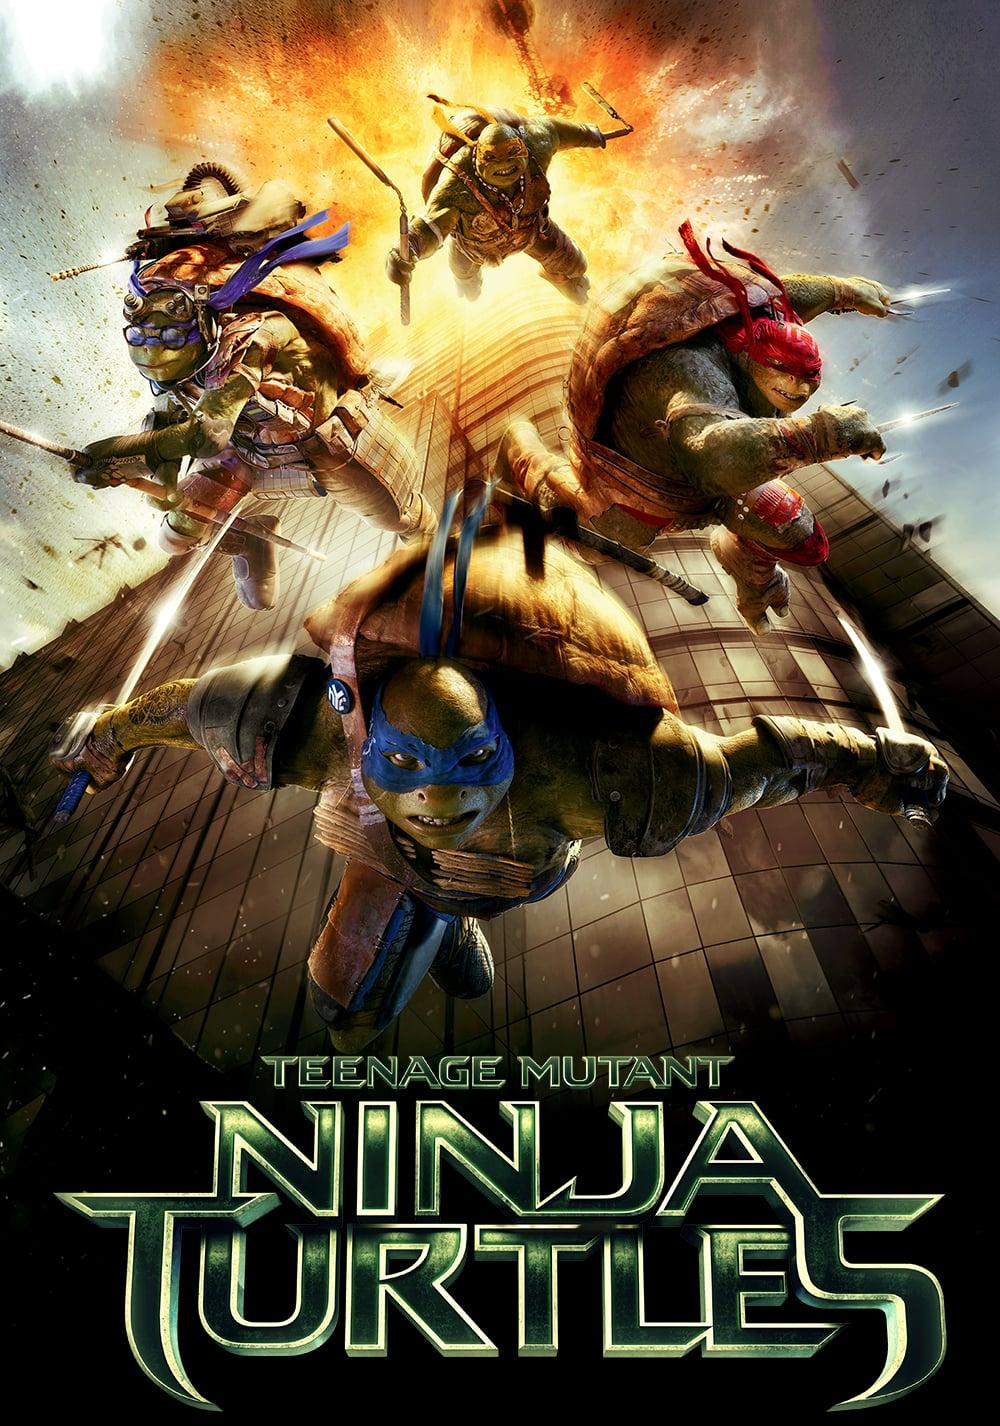 კუ-ნინძები / Teenage Mutant Ninja Turtles